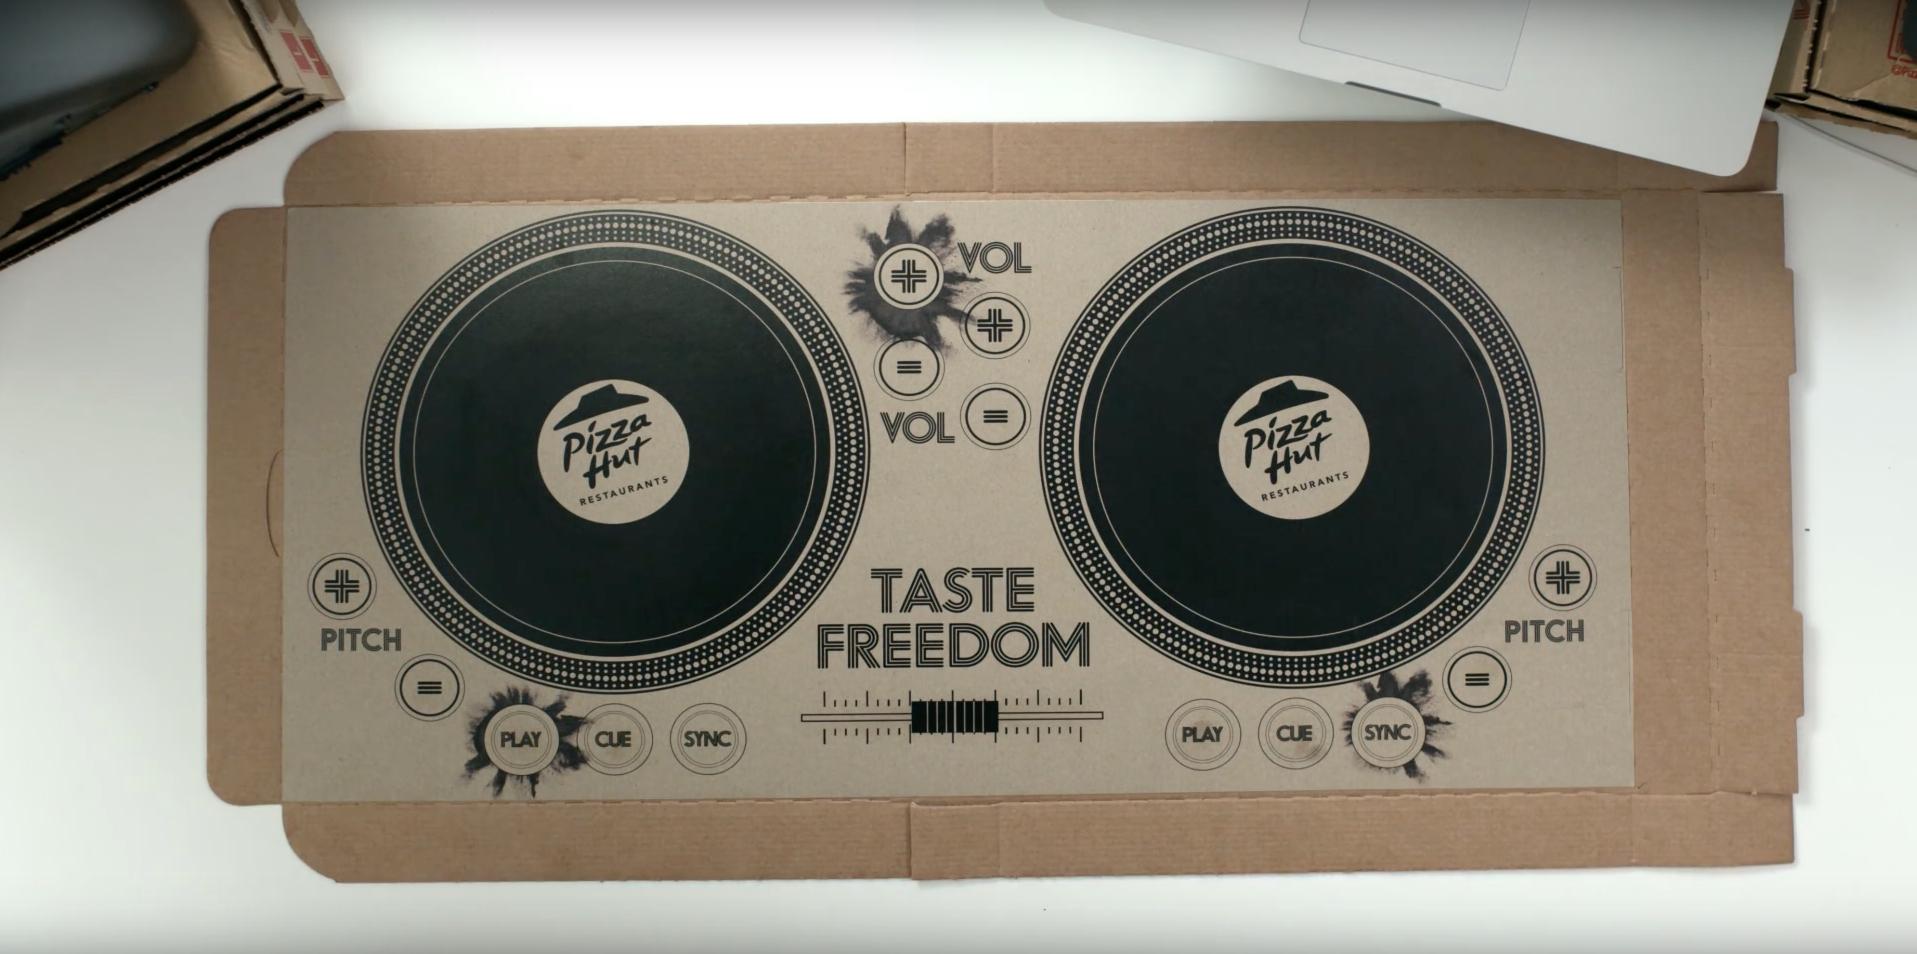 Das DJ-Deck von Pizza Hut